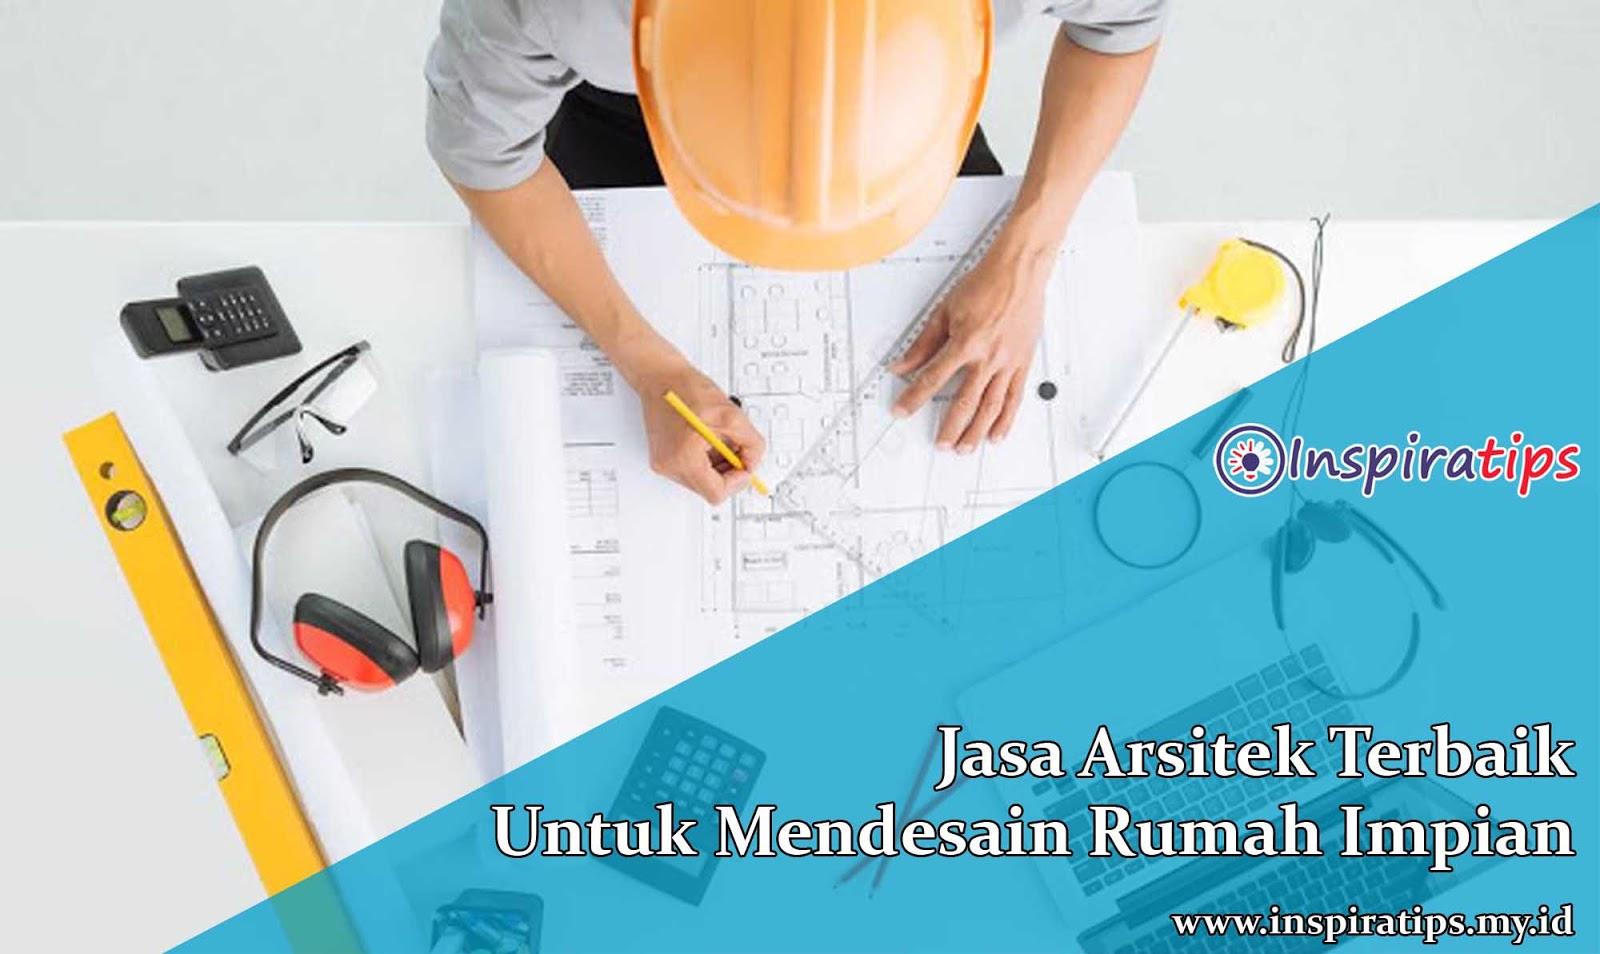 jasa arsitek terbaik